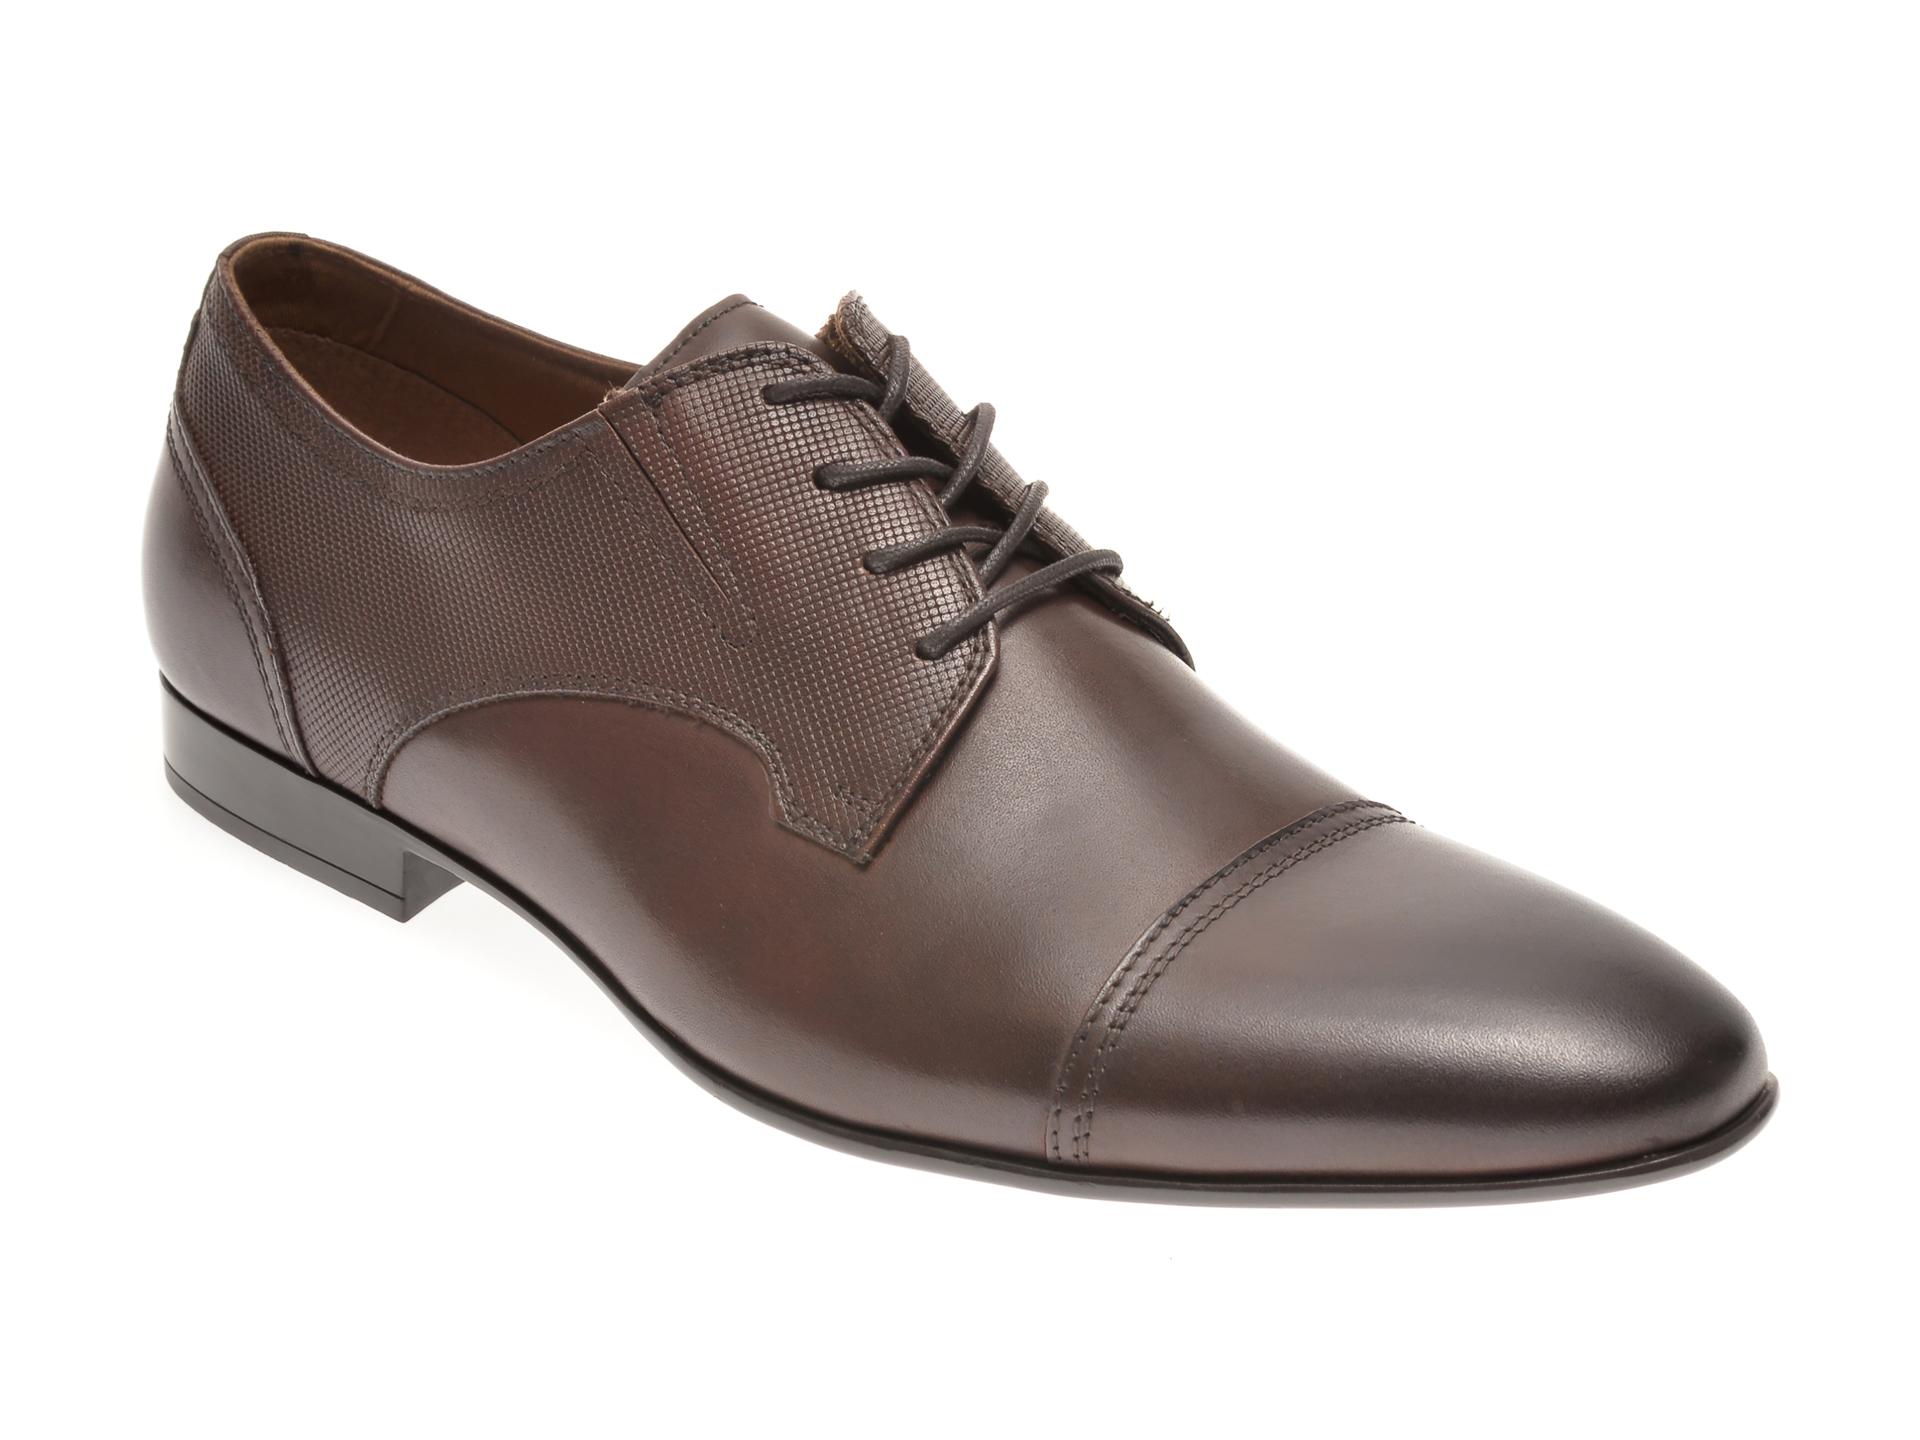 Pantofi ALDO maro, Neustetten201, din piele naturala imagine